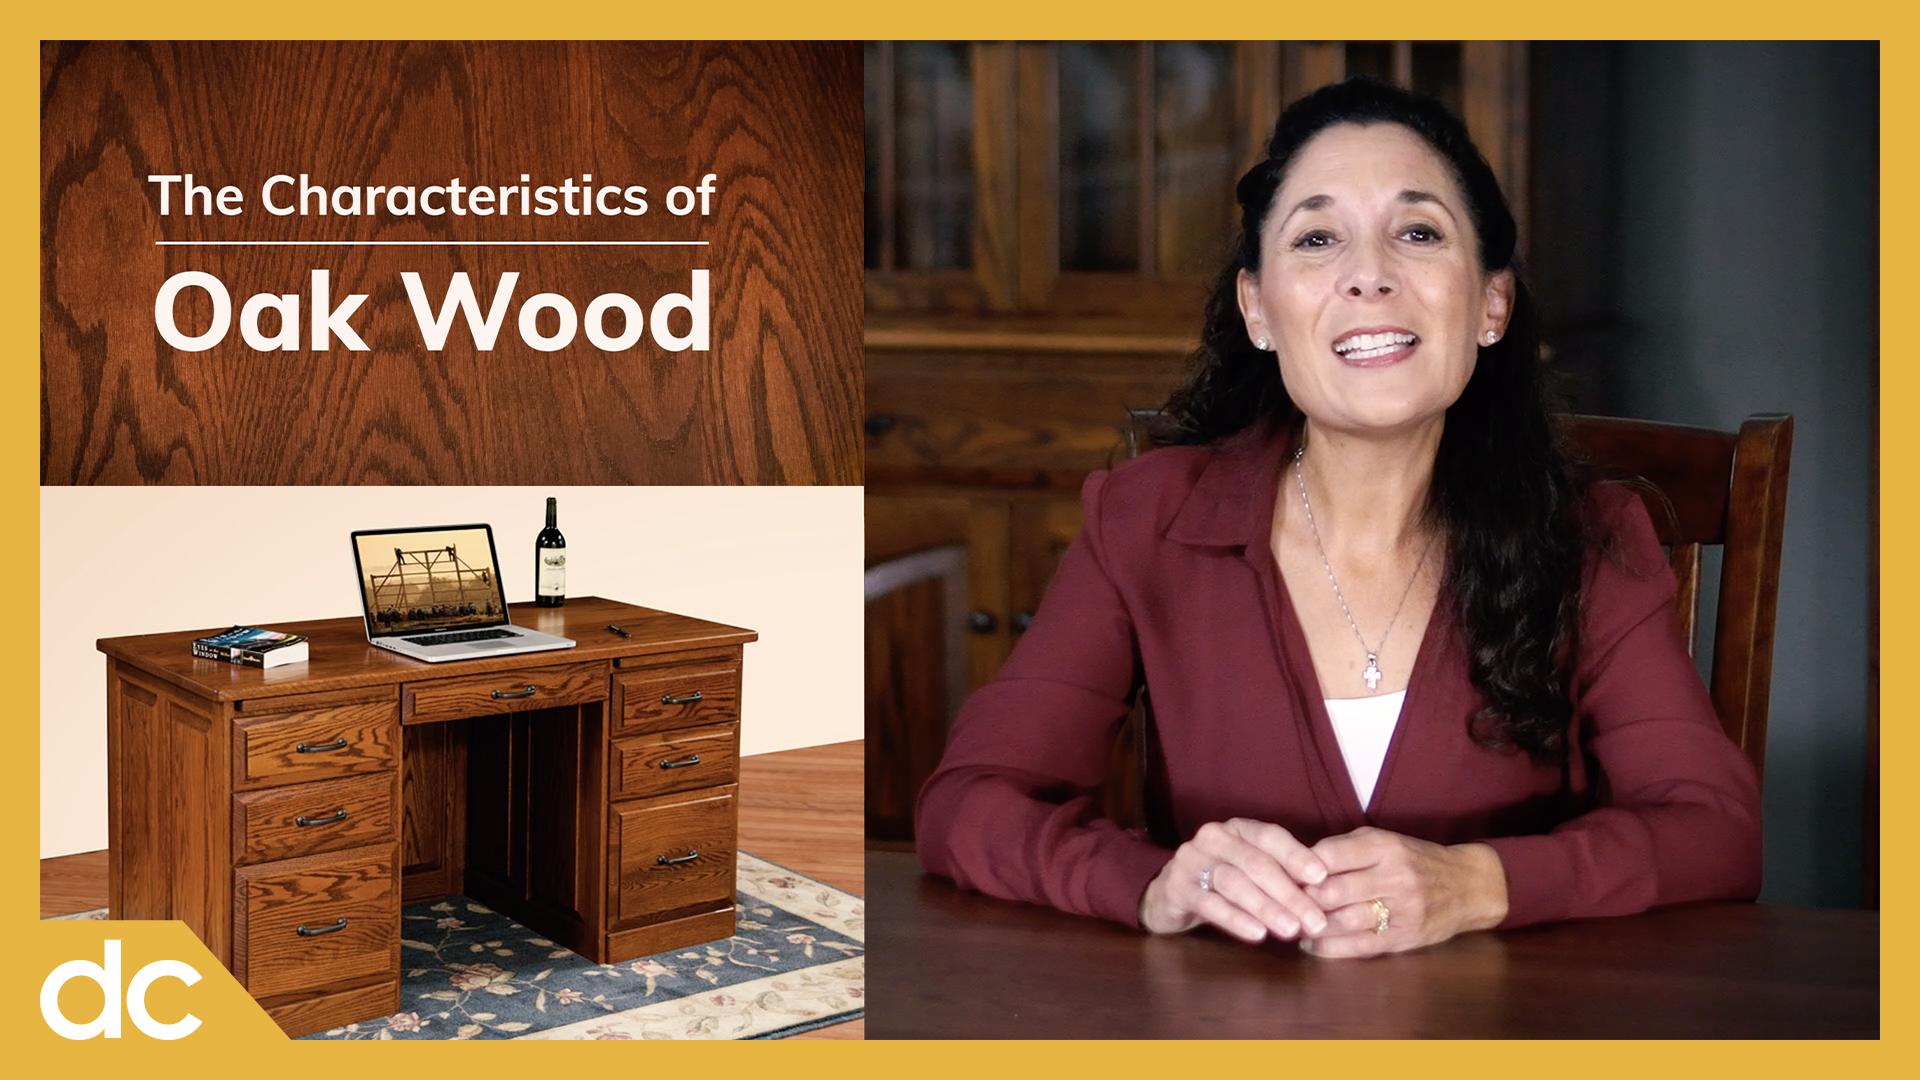 Characteristics of Oak Wood Video Title